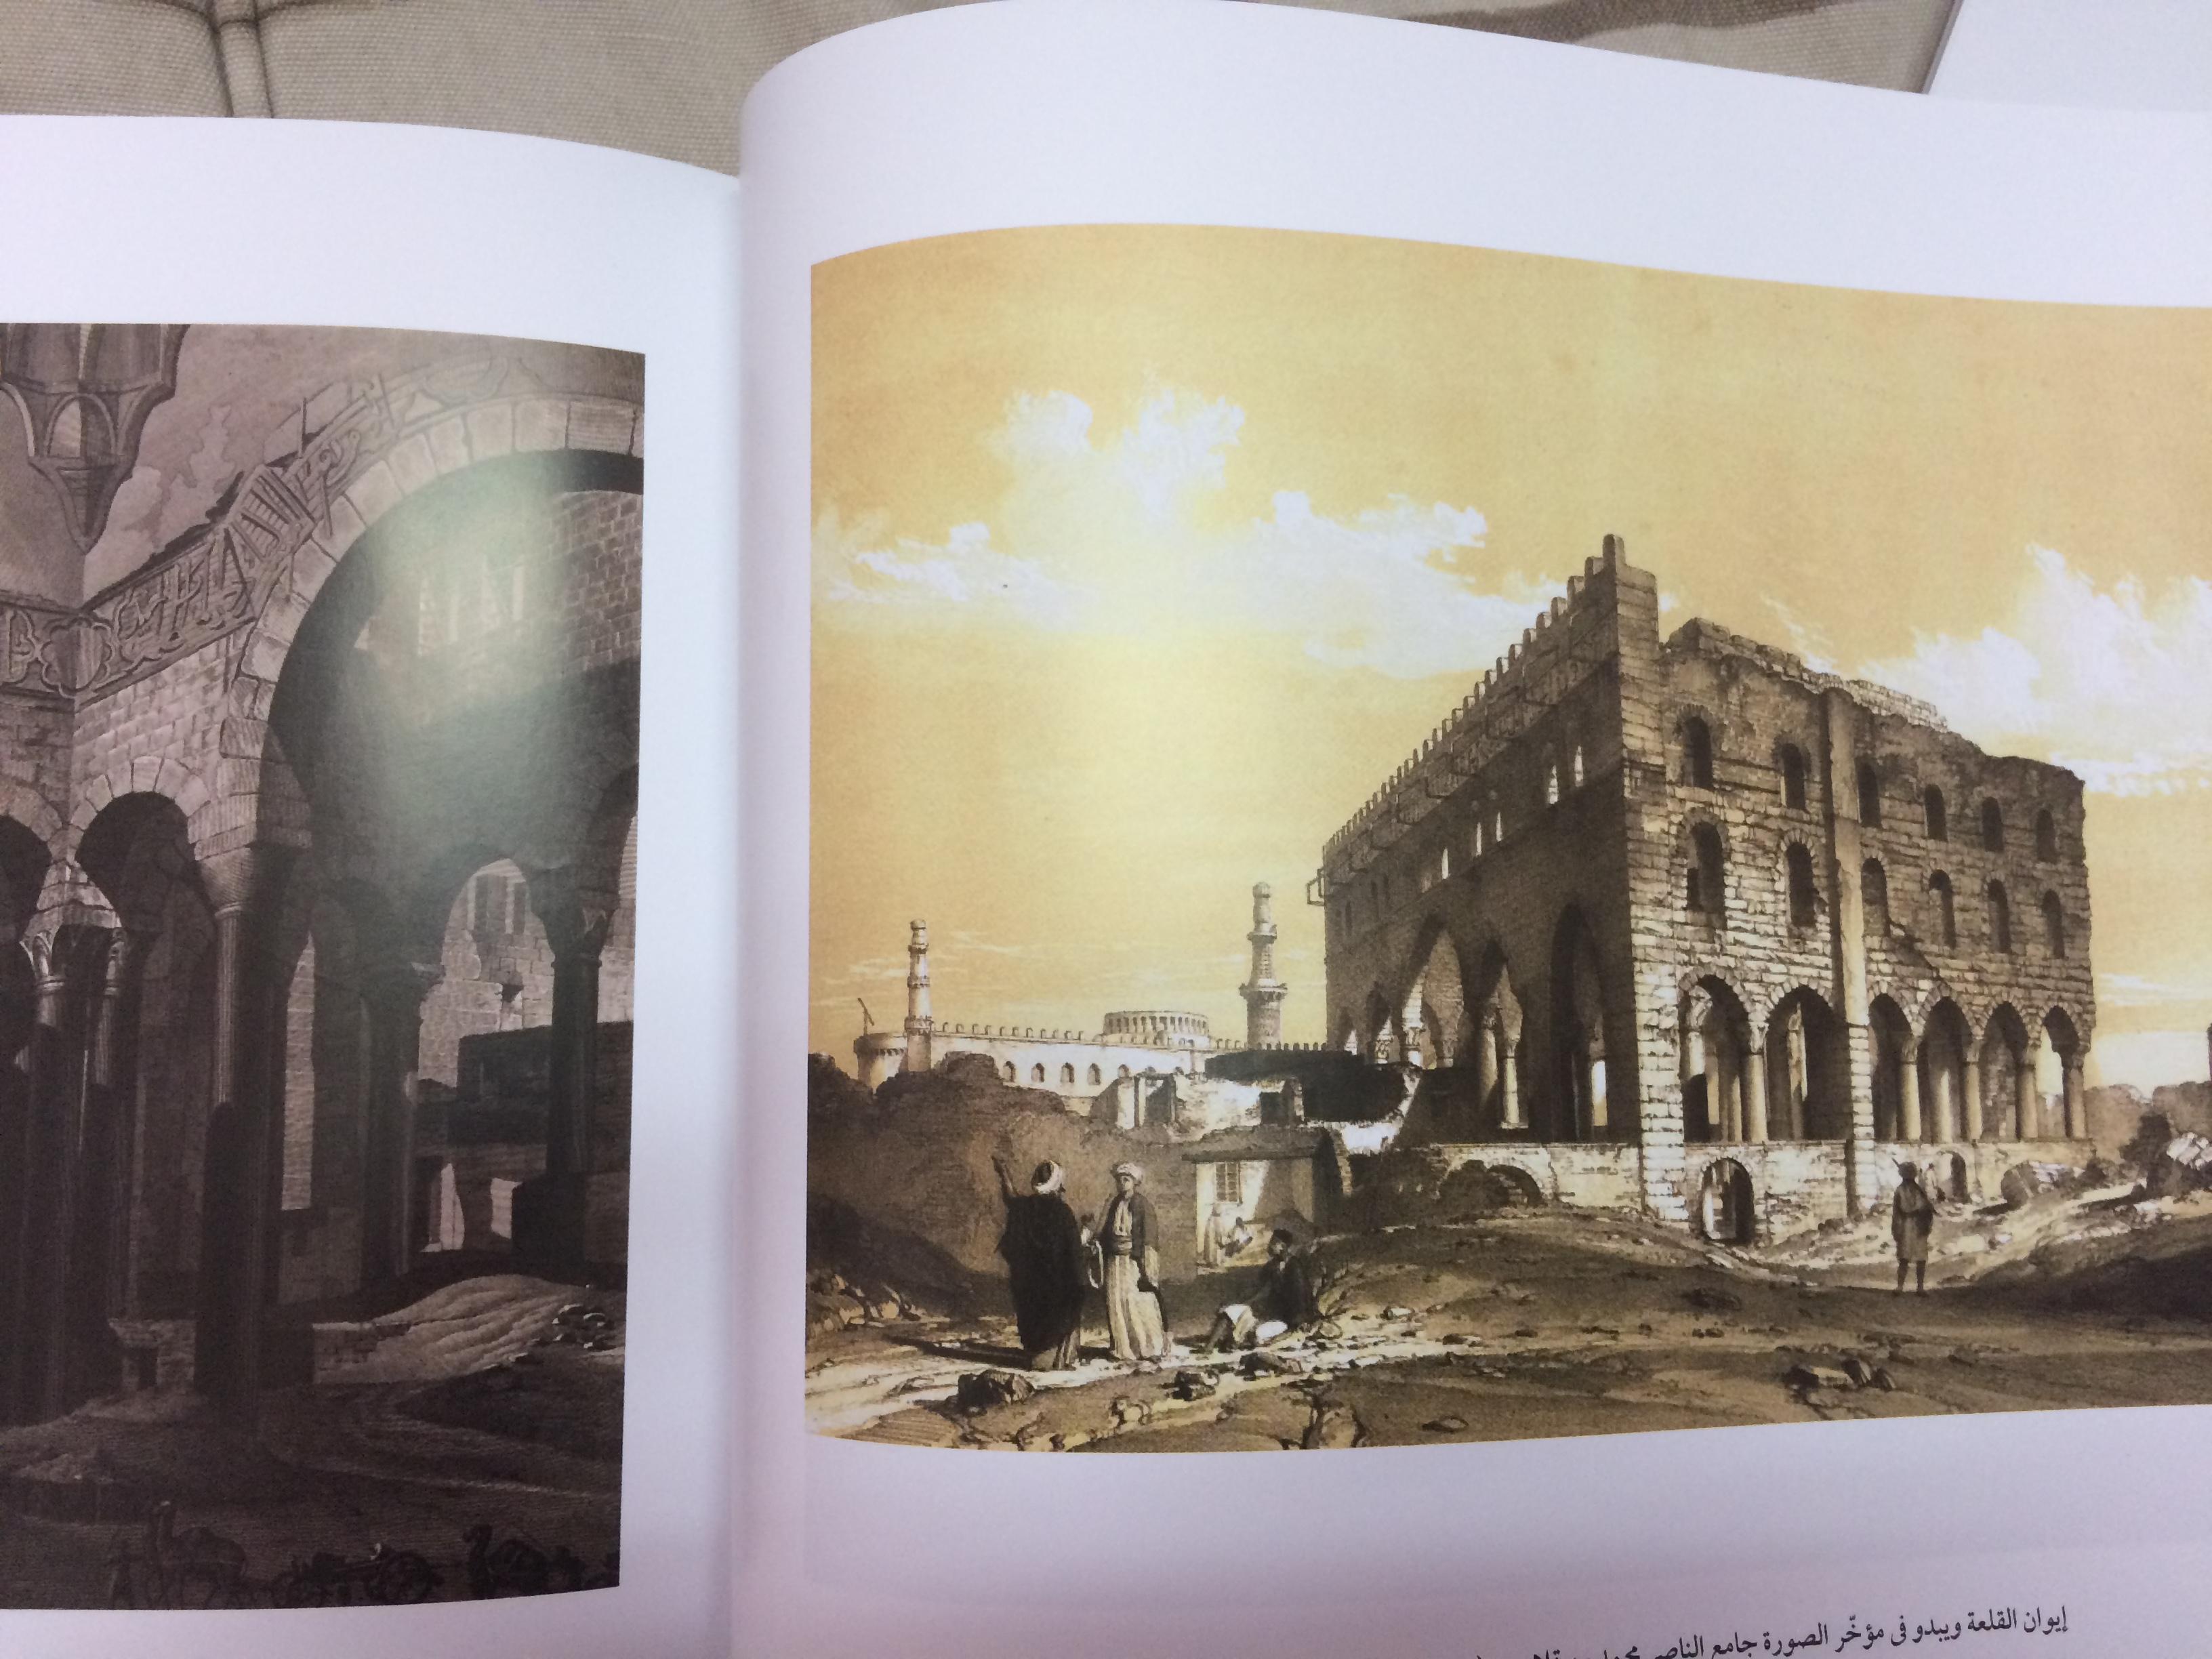 القاهرة خططها وتطورها العمراني - ألبوم الصور